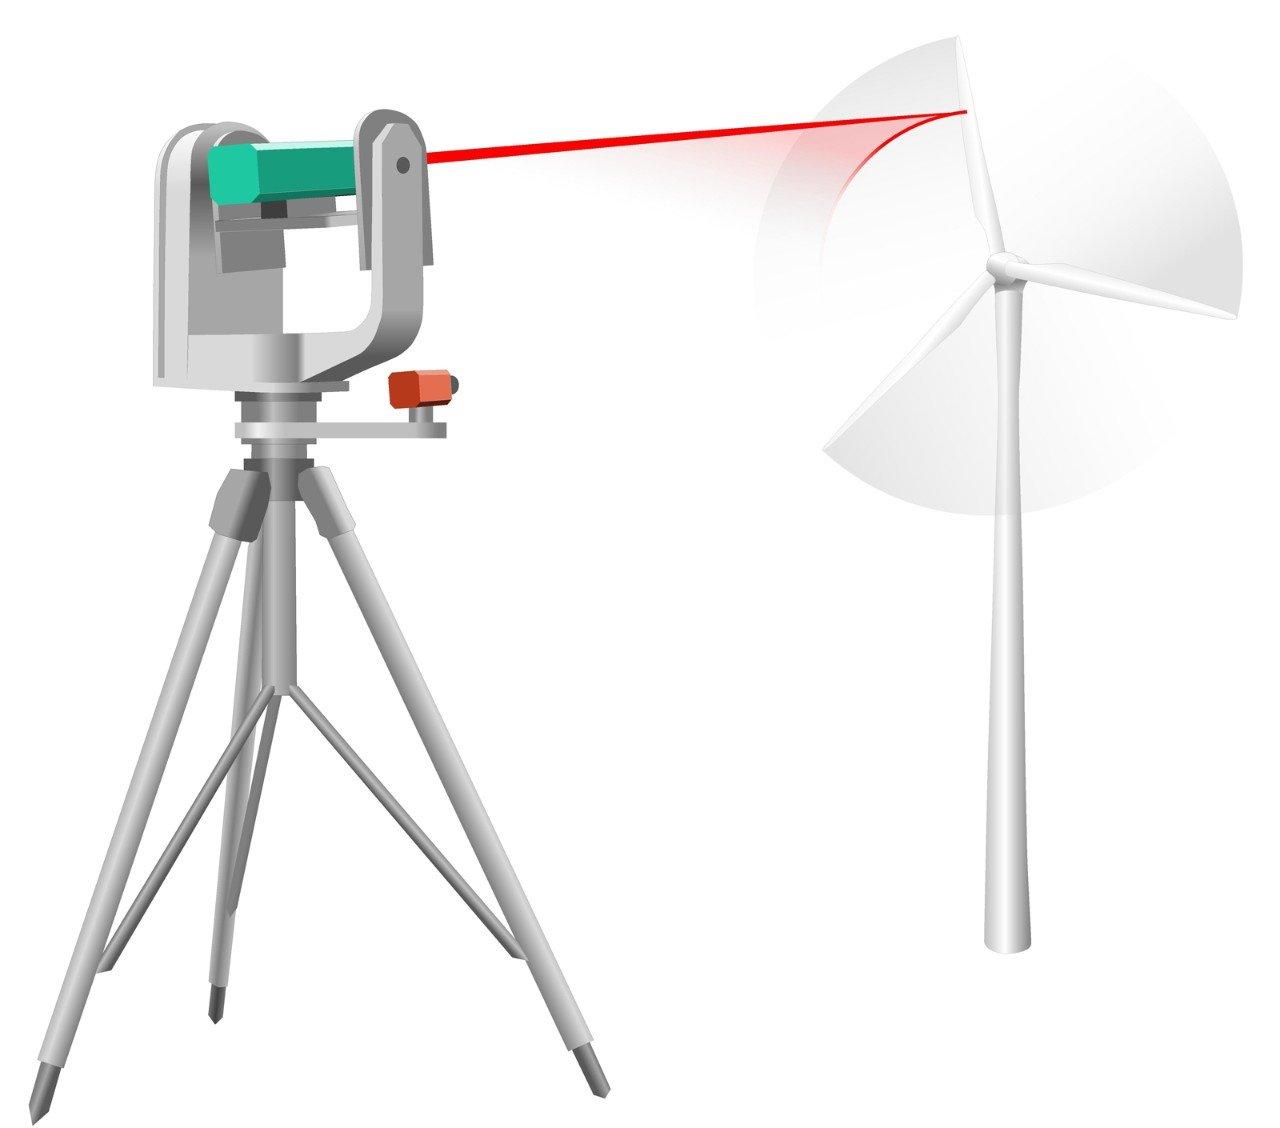 Der Laser folgt dem Rotorblatt und verharrt exakt auf derselben Position auf dessen Oberfläche. Betreiber von Windkraftanlagen können das Schwingungsmuster der Bauteile so aus mehreren hundert Meter messen – an jedem beliebigen Punkt.